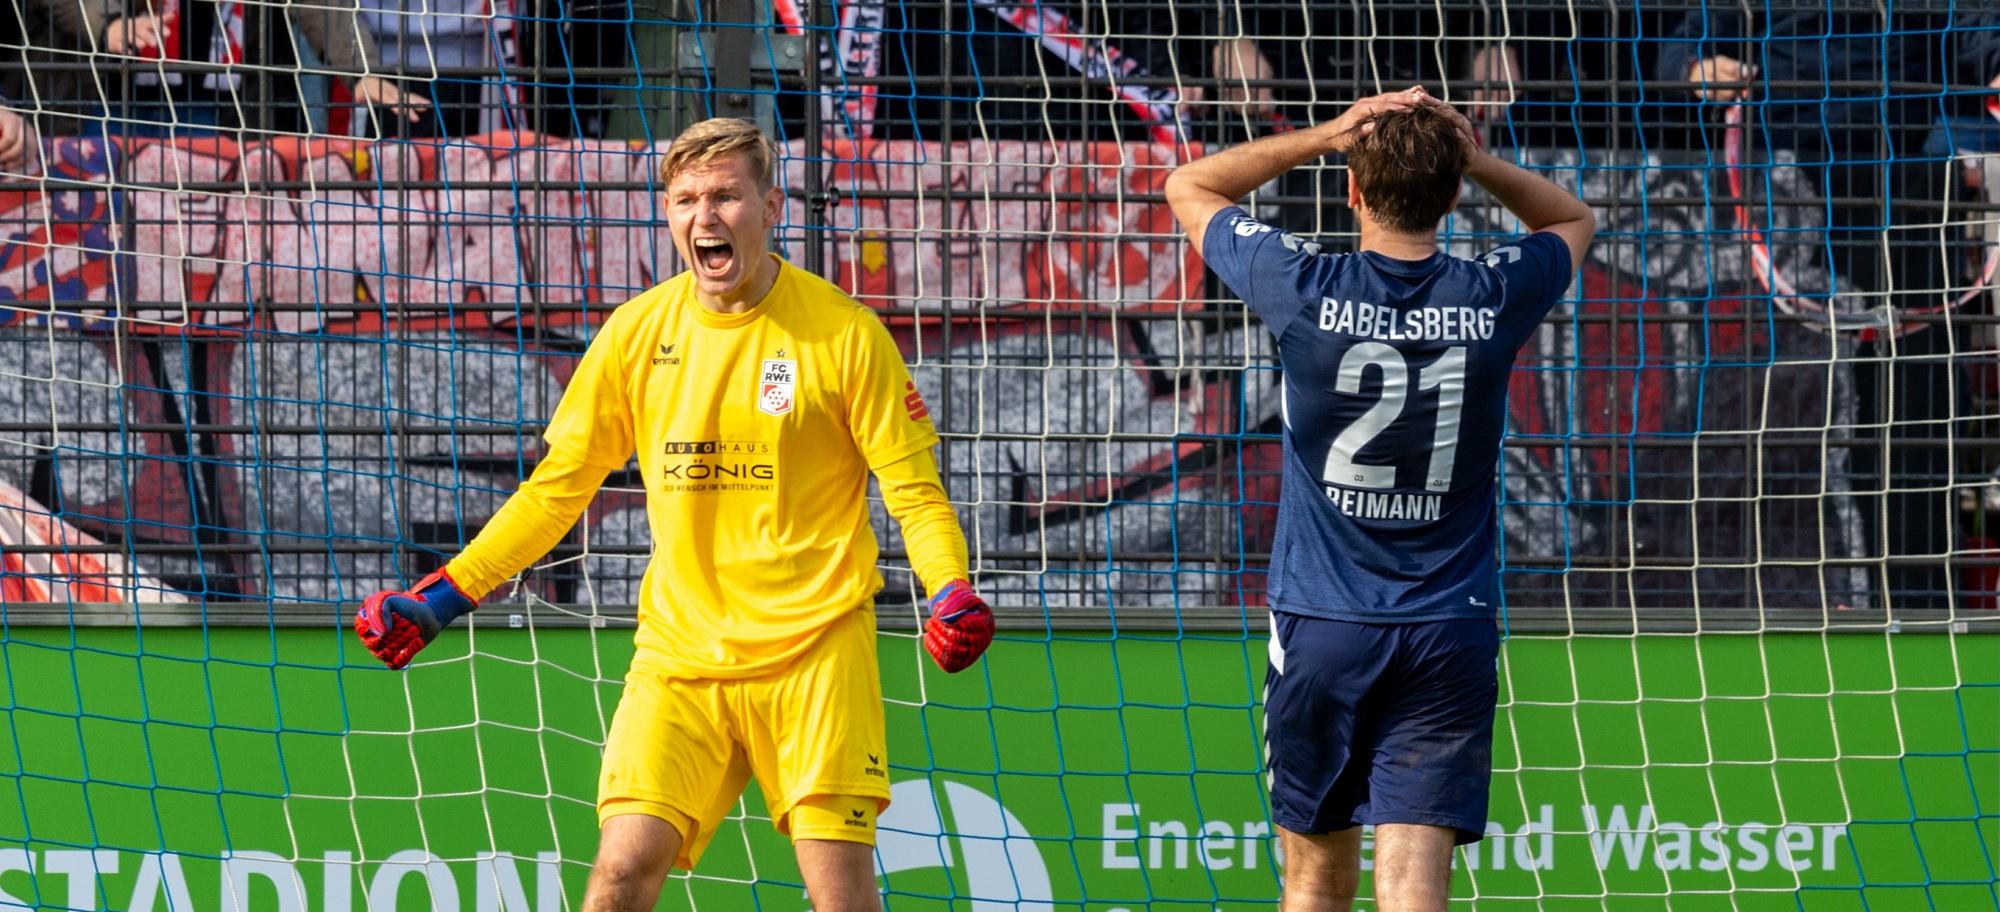 5.10.2019-SV-Babelsberg-03-vs.-FC-Rot-Weiss-Erfurt-1-1_70.jpg